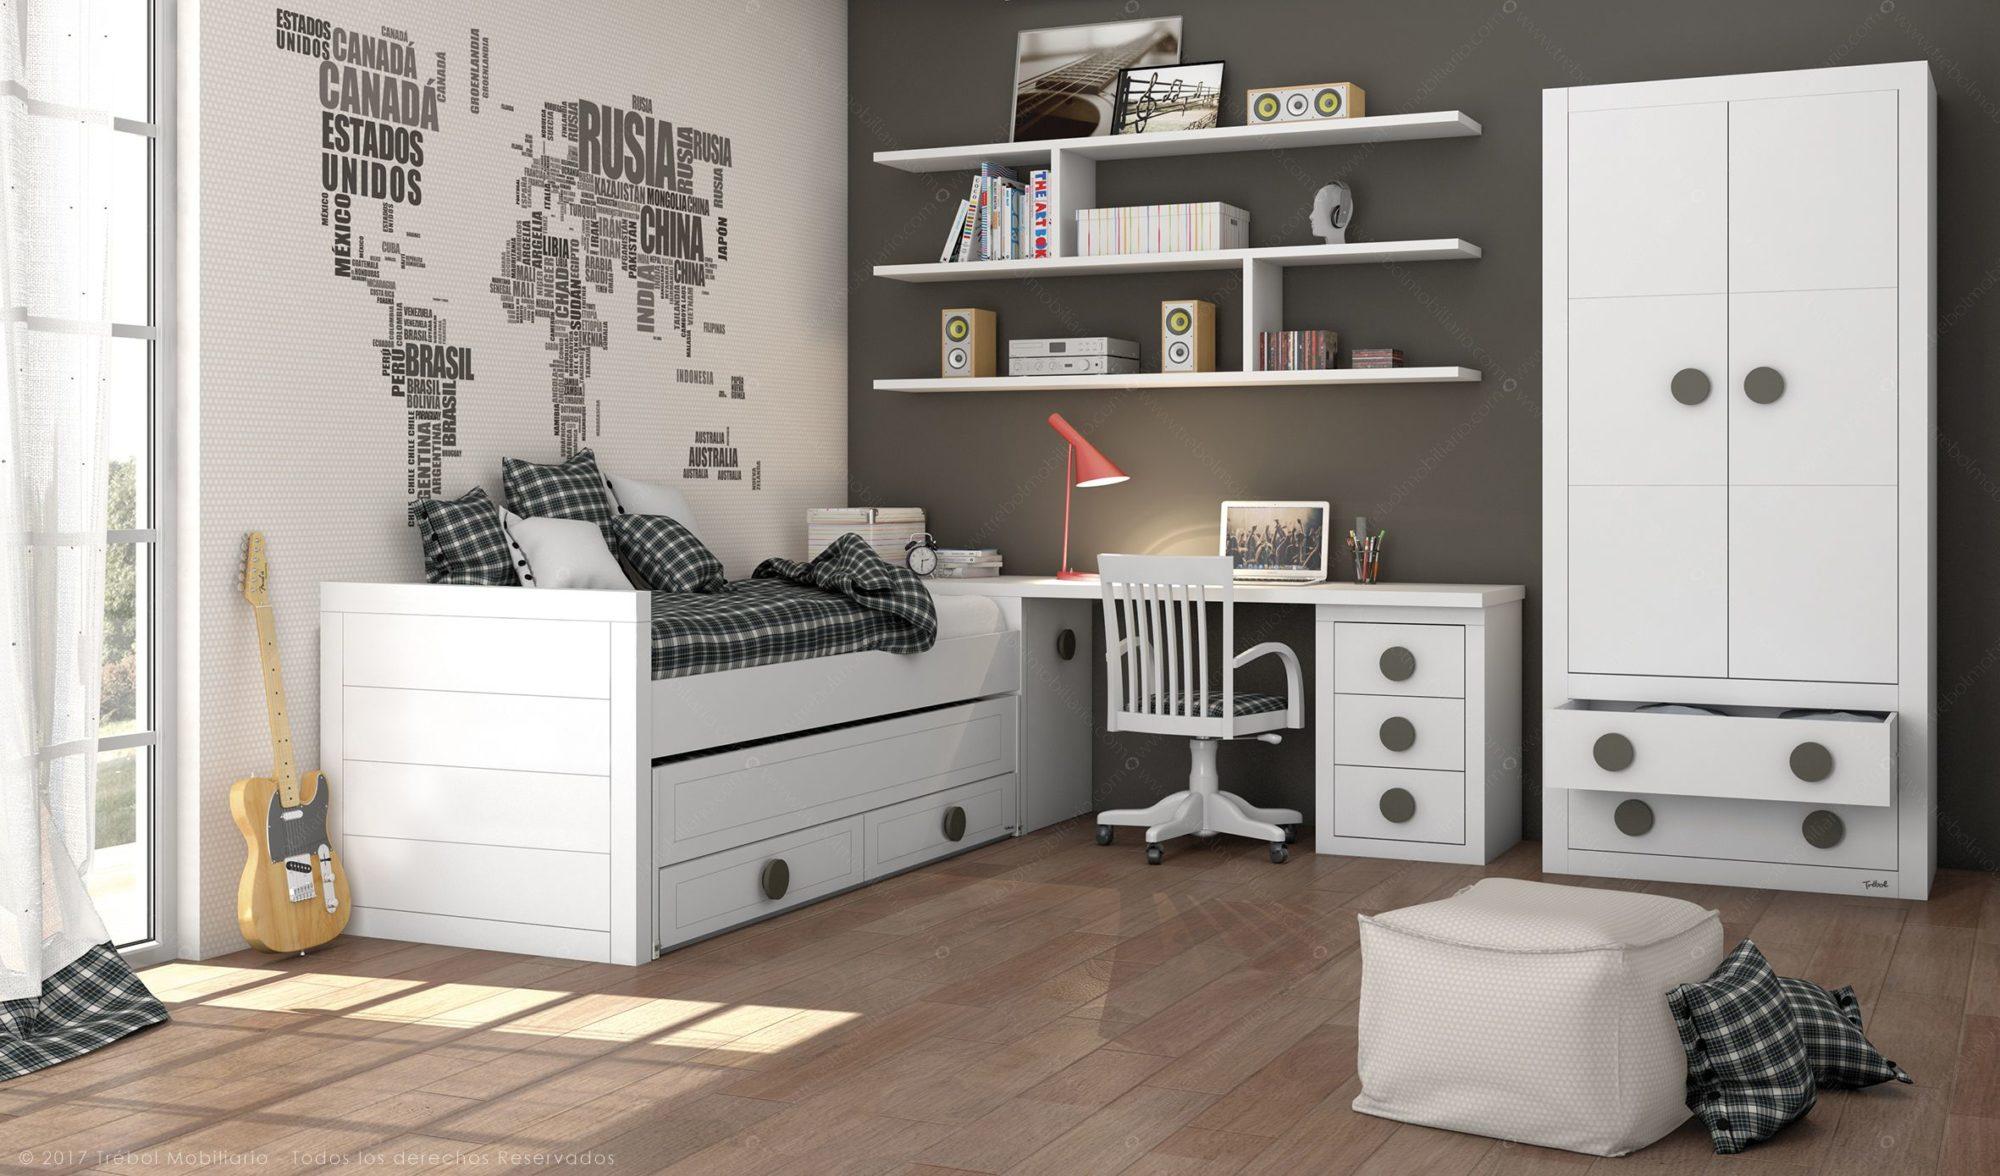 1ksl-living-chambre-junior-design-avec-lit-2-couchages-rangement-bureau-armoire-et-etageres-collection-sport-par-trebol.jpg